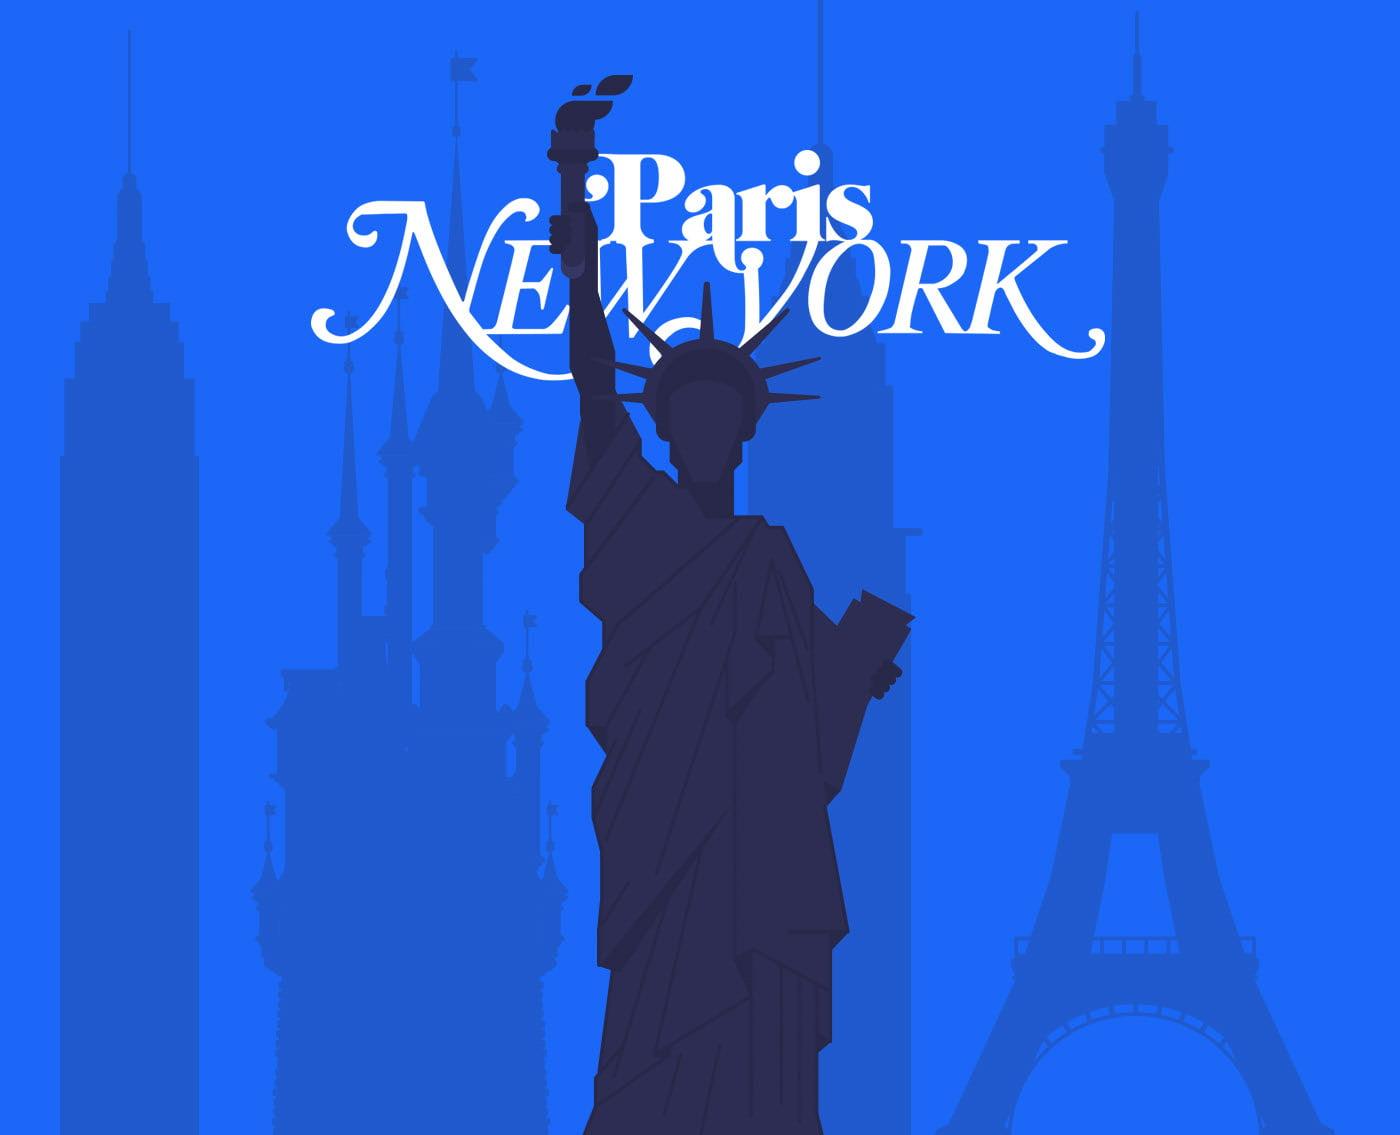 paris newyork 1